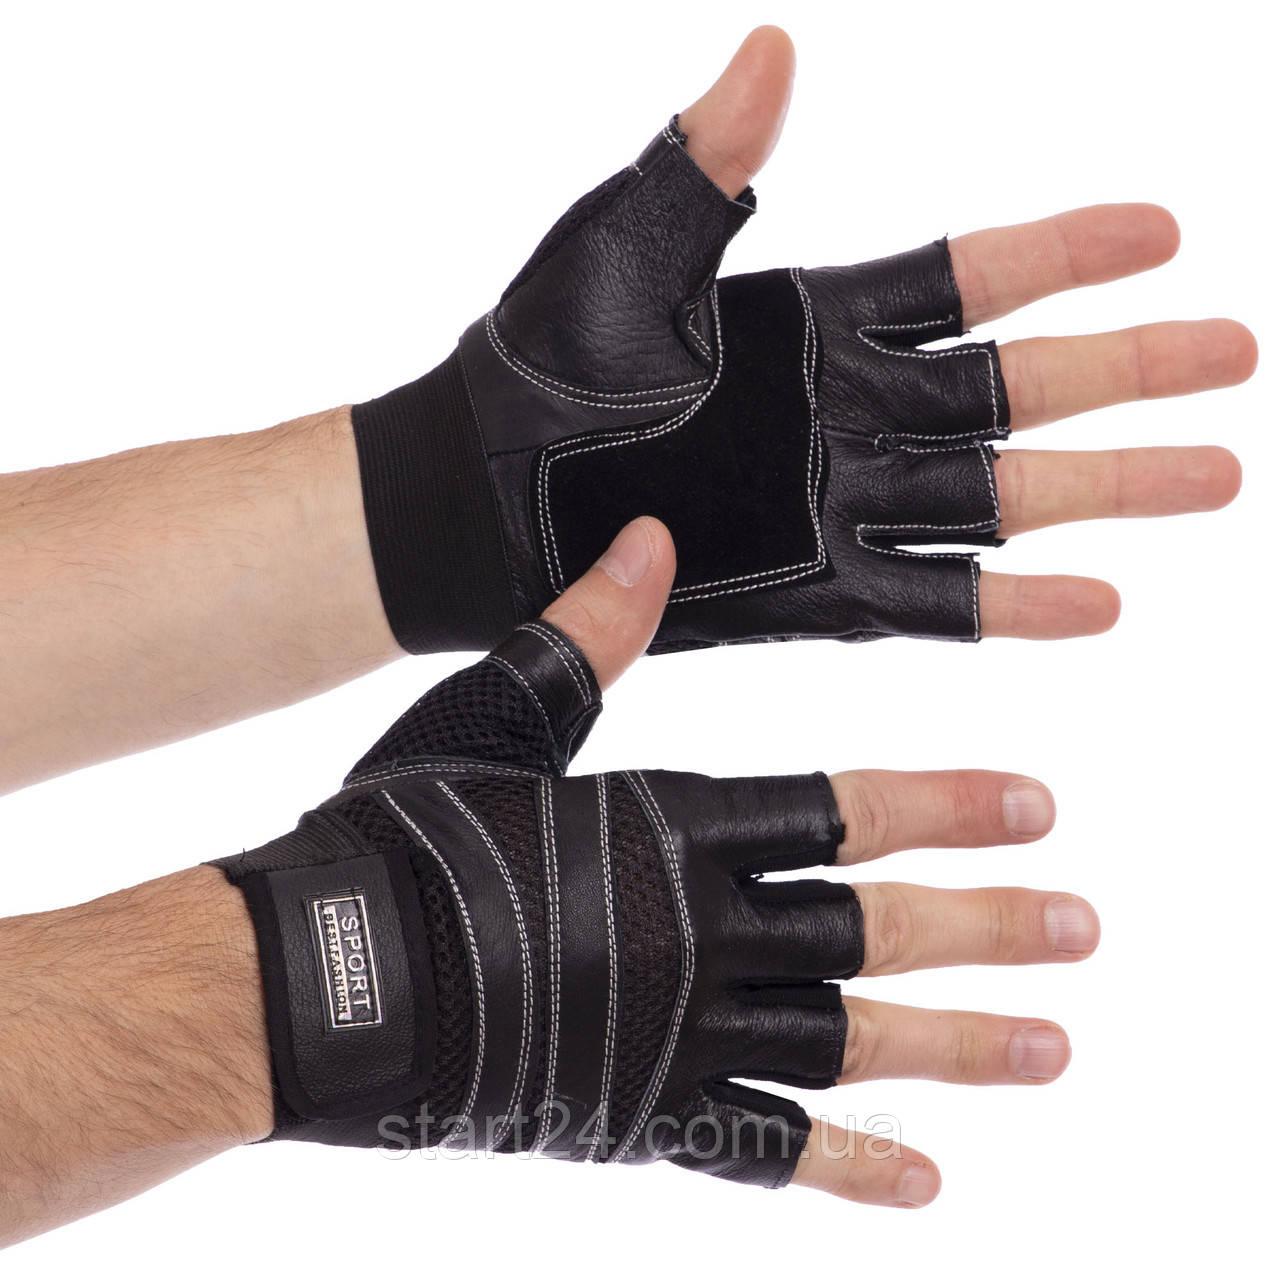 Перчатки для кроссфита и воркаута кожаные SPORT WorkOut BC-1018 размер L-XL цвета в ассортименте